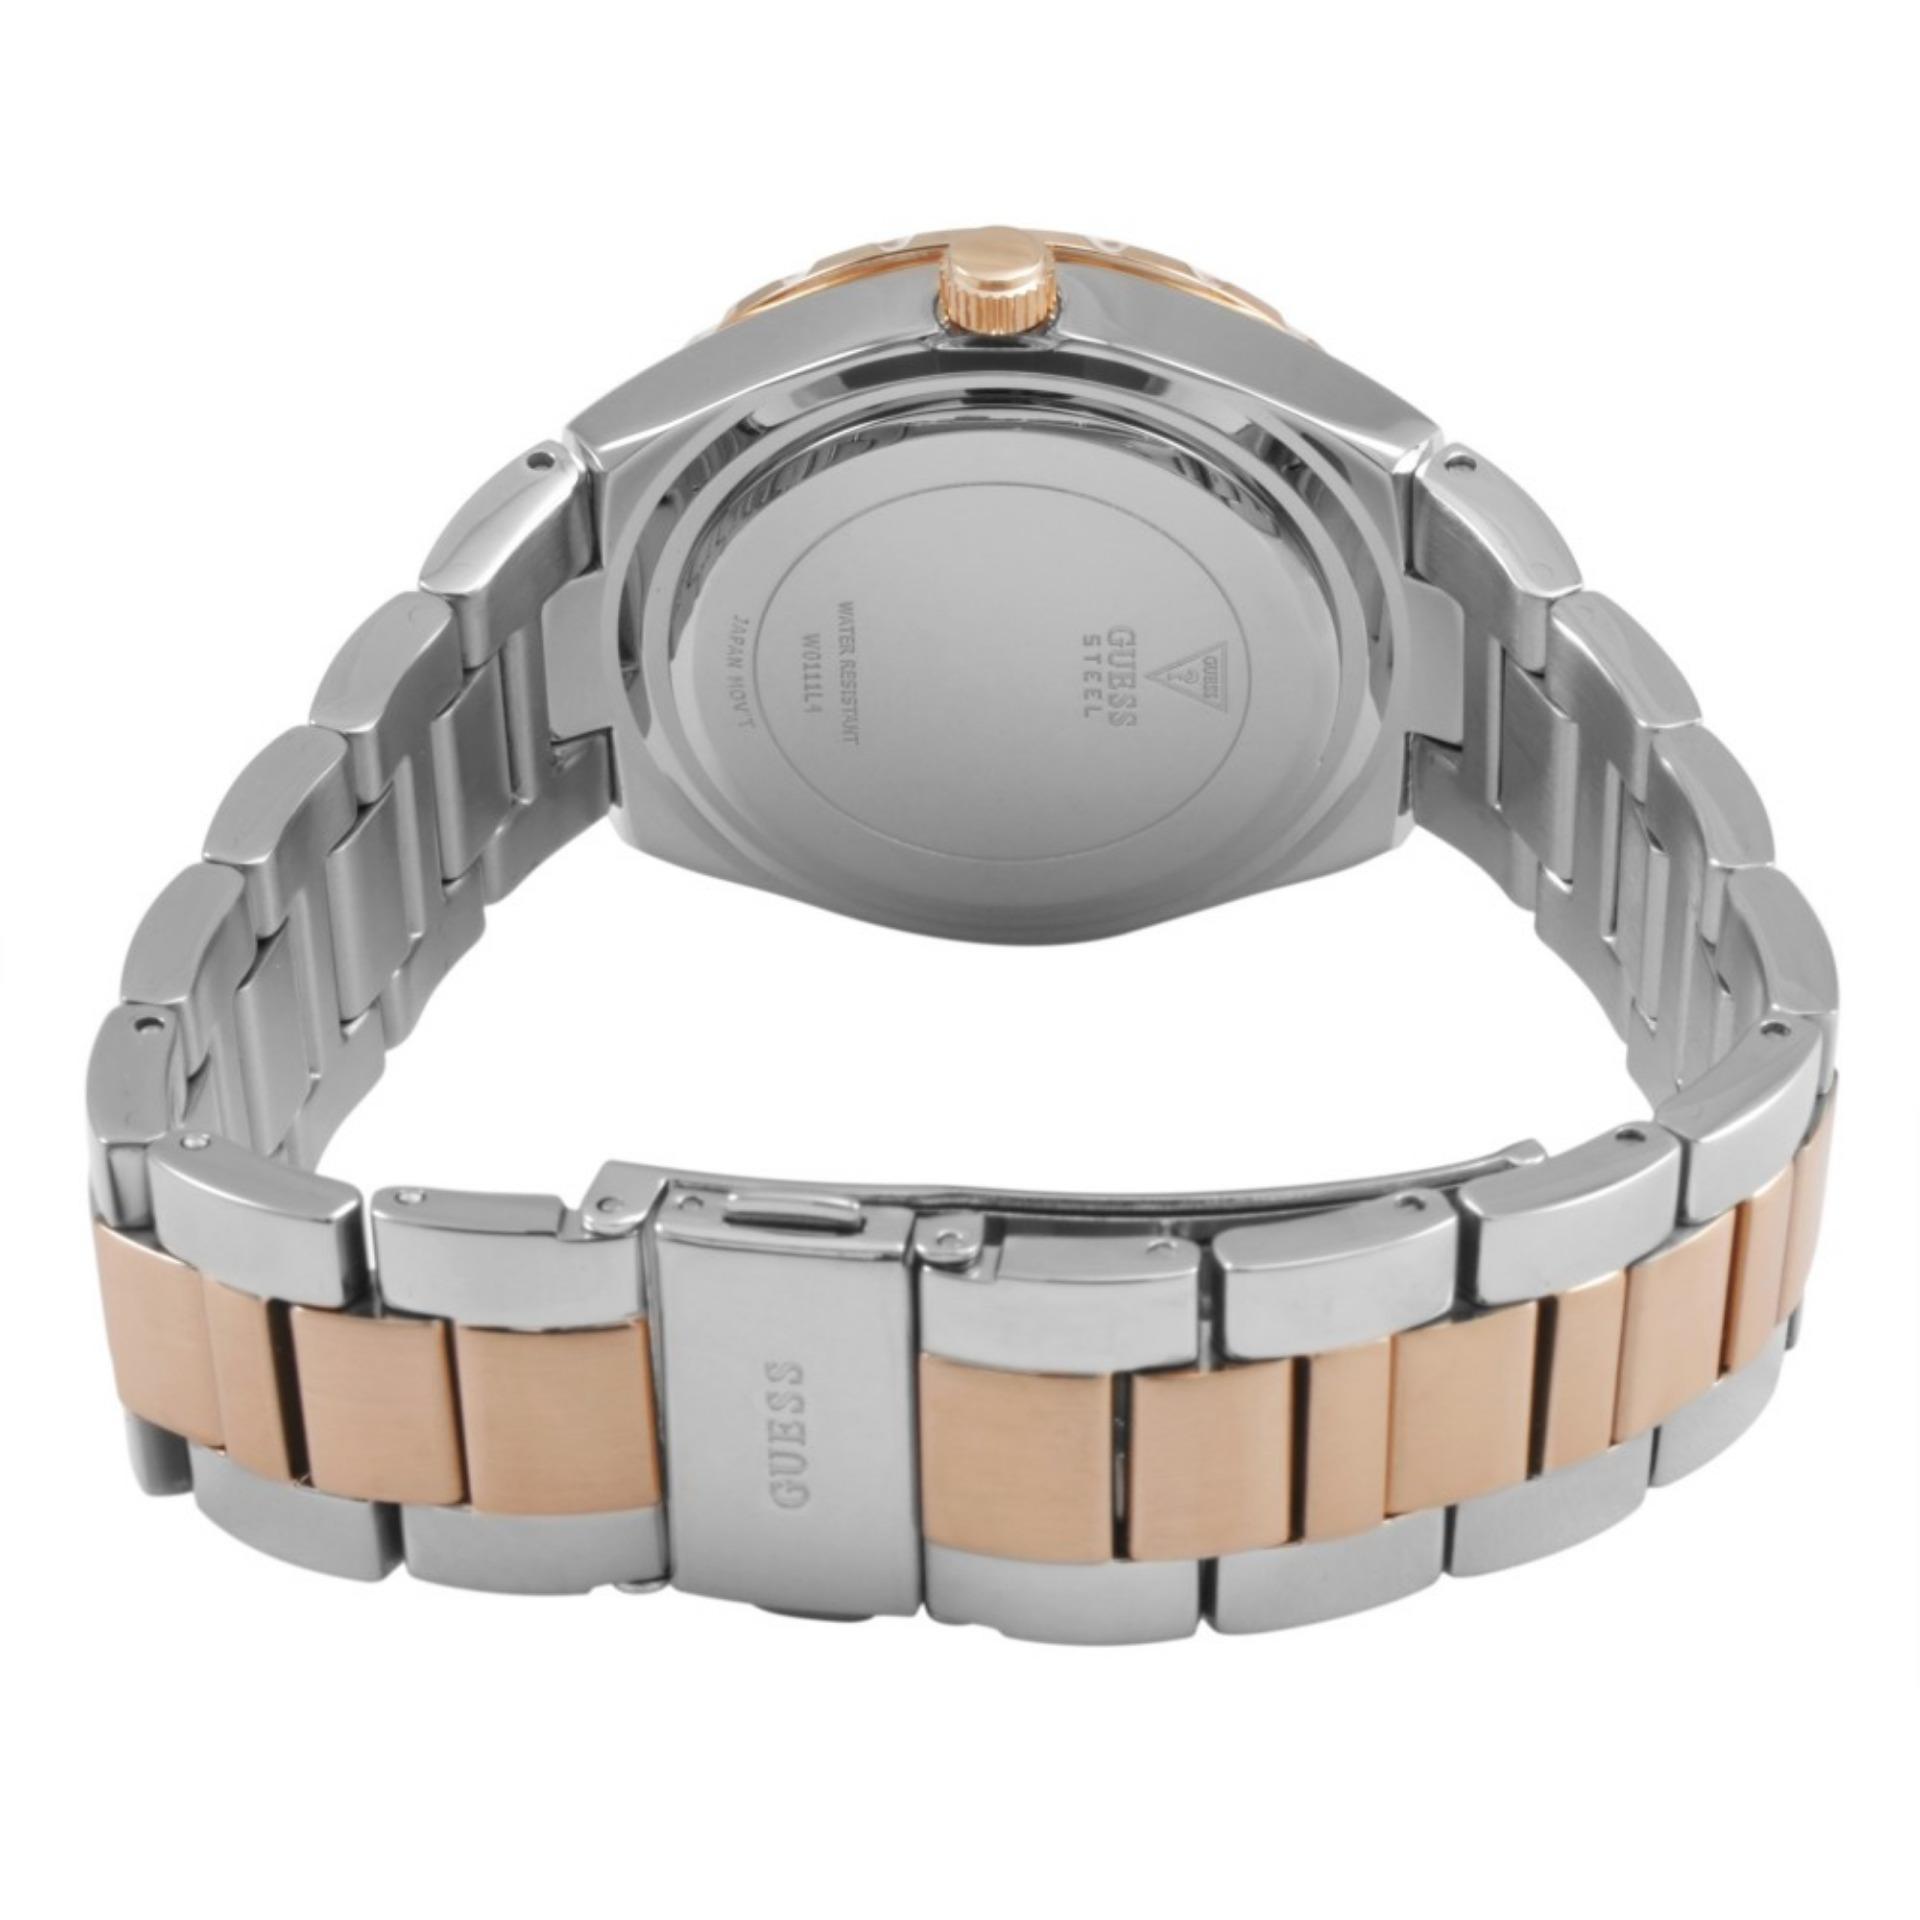 Guess W0335l3 Multifunction Jam Tangan Wanita Rosegold Stainless Steel W0111l4 Viva Silver Watch